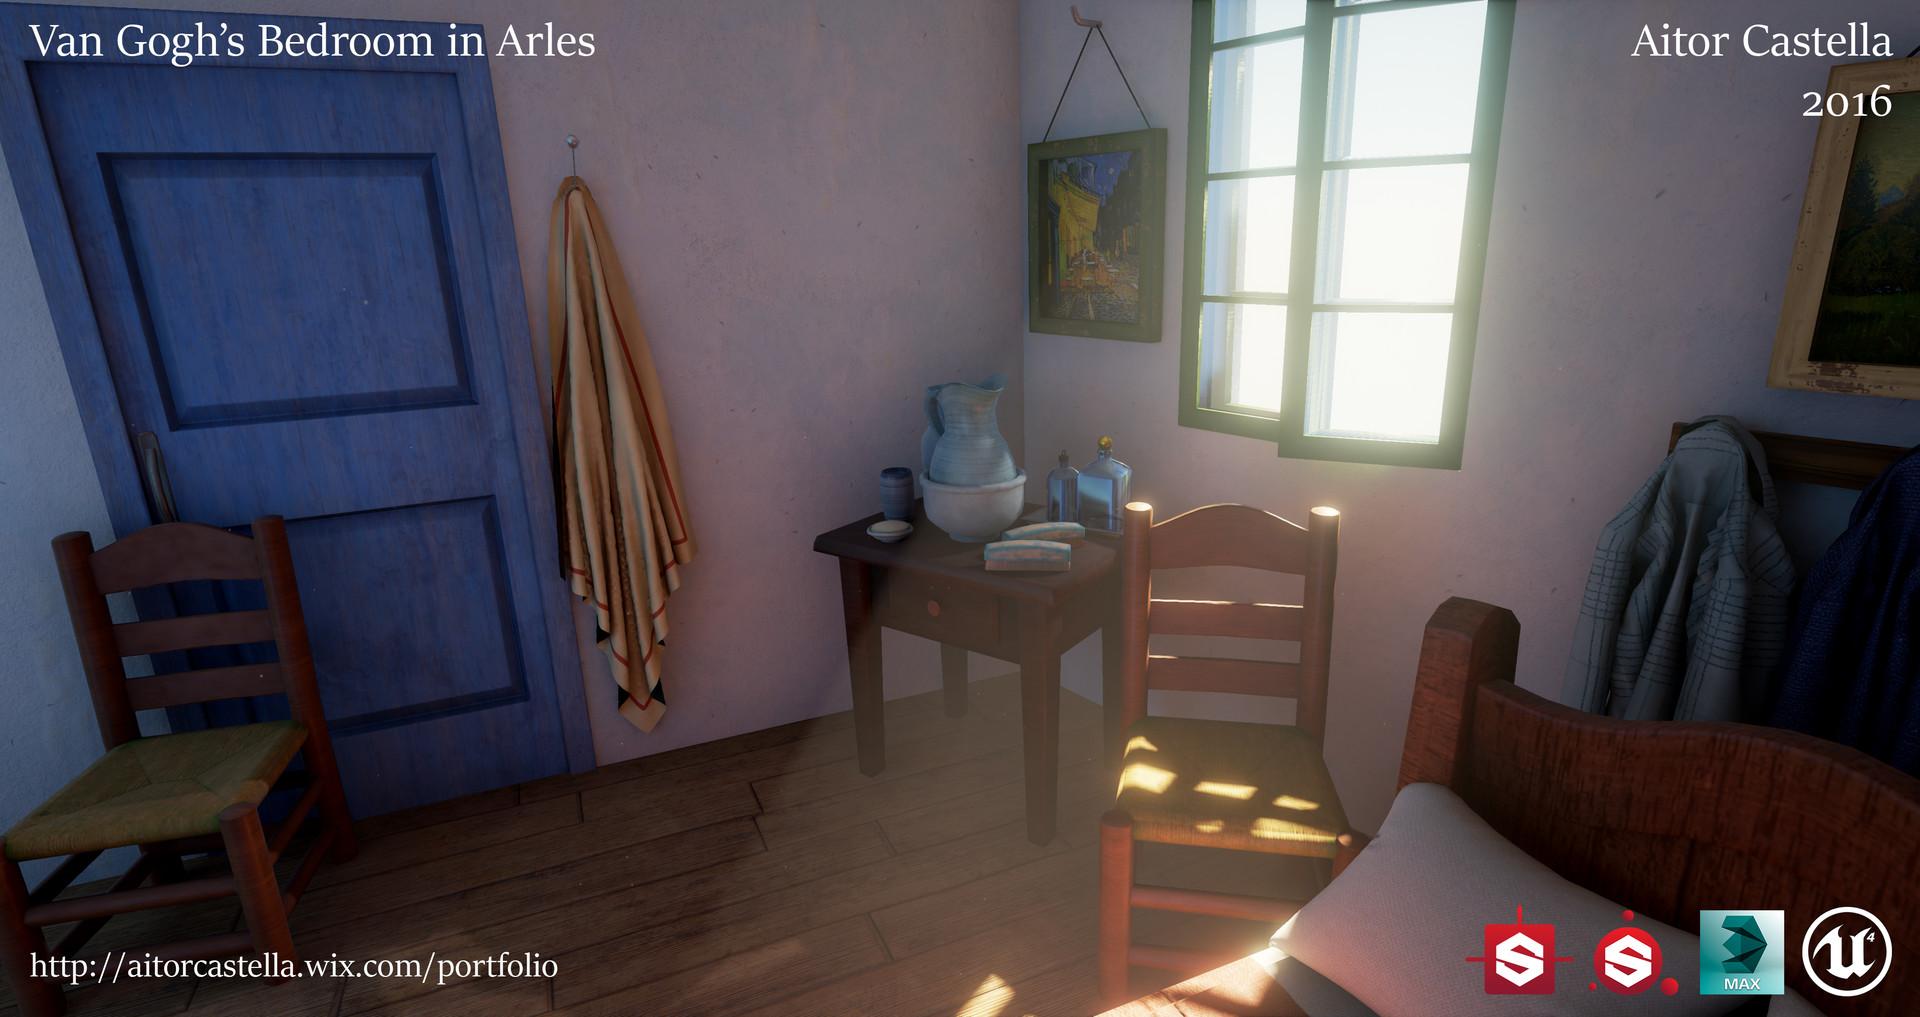 ArtStation - Van Gogh\'s Bedroom in Arles, Aitor Castella